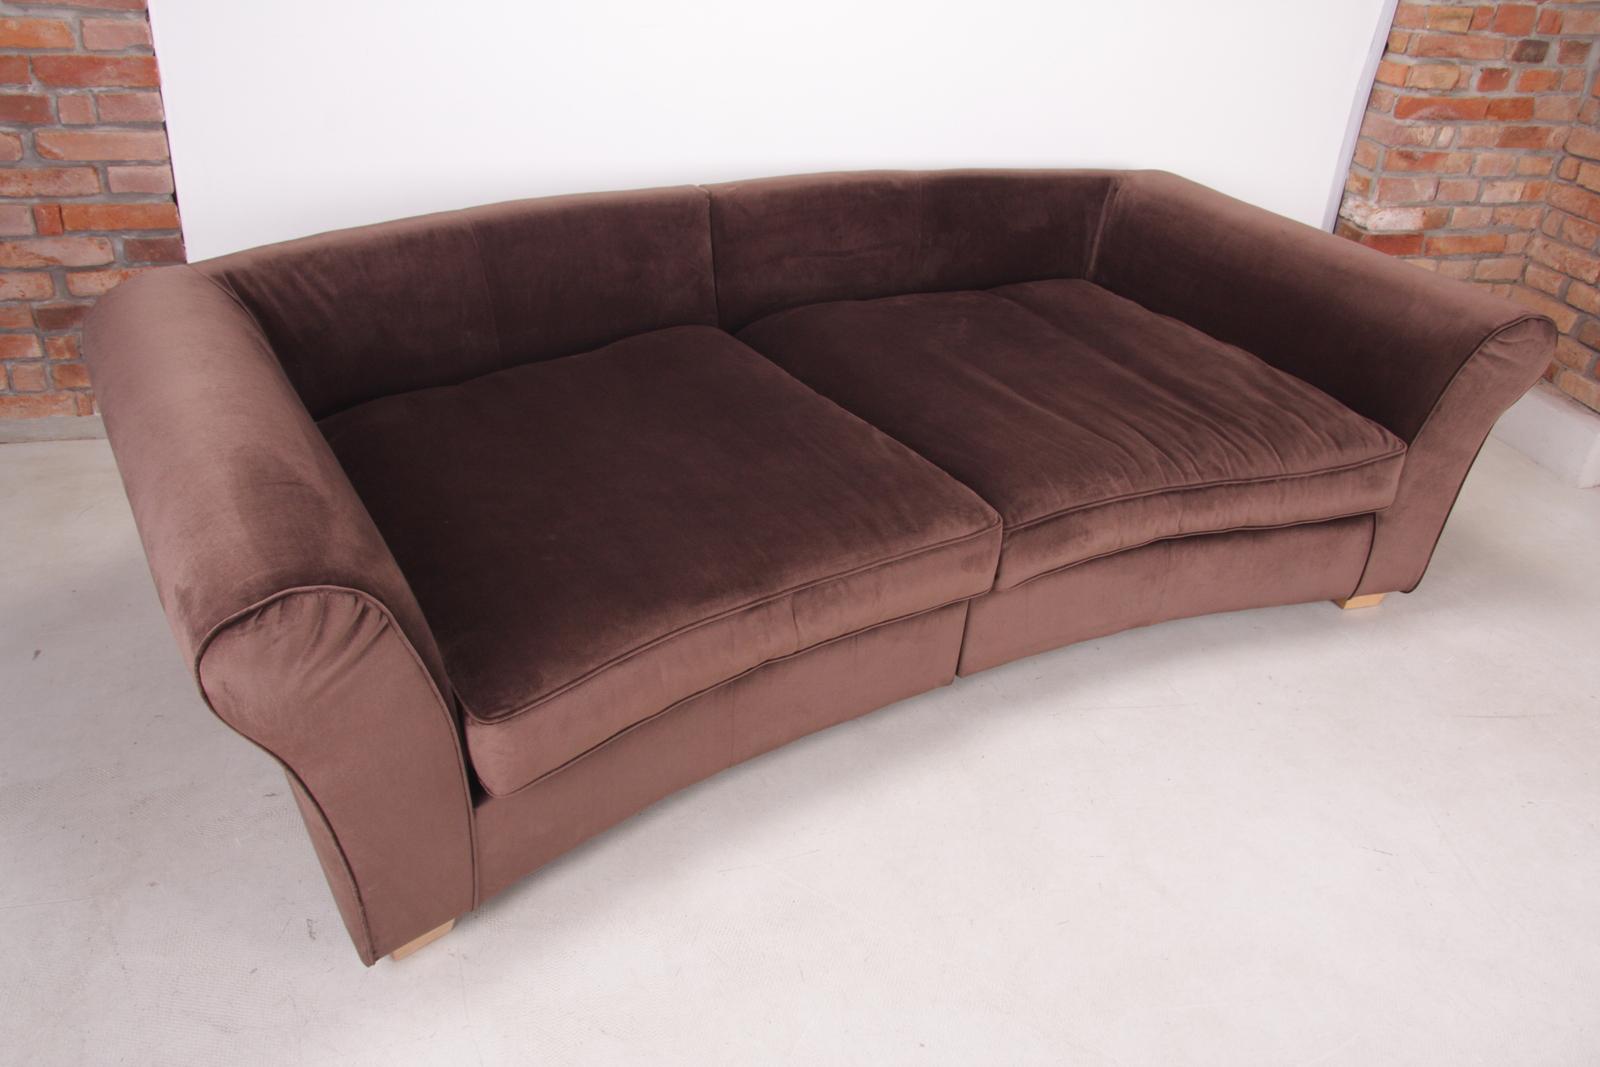 Megasofa braun  ABC Nábytek Prodáváme sedací soupravy, nábytek z masivu, pohovky a ...